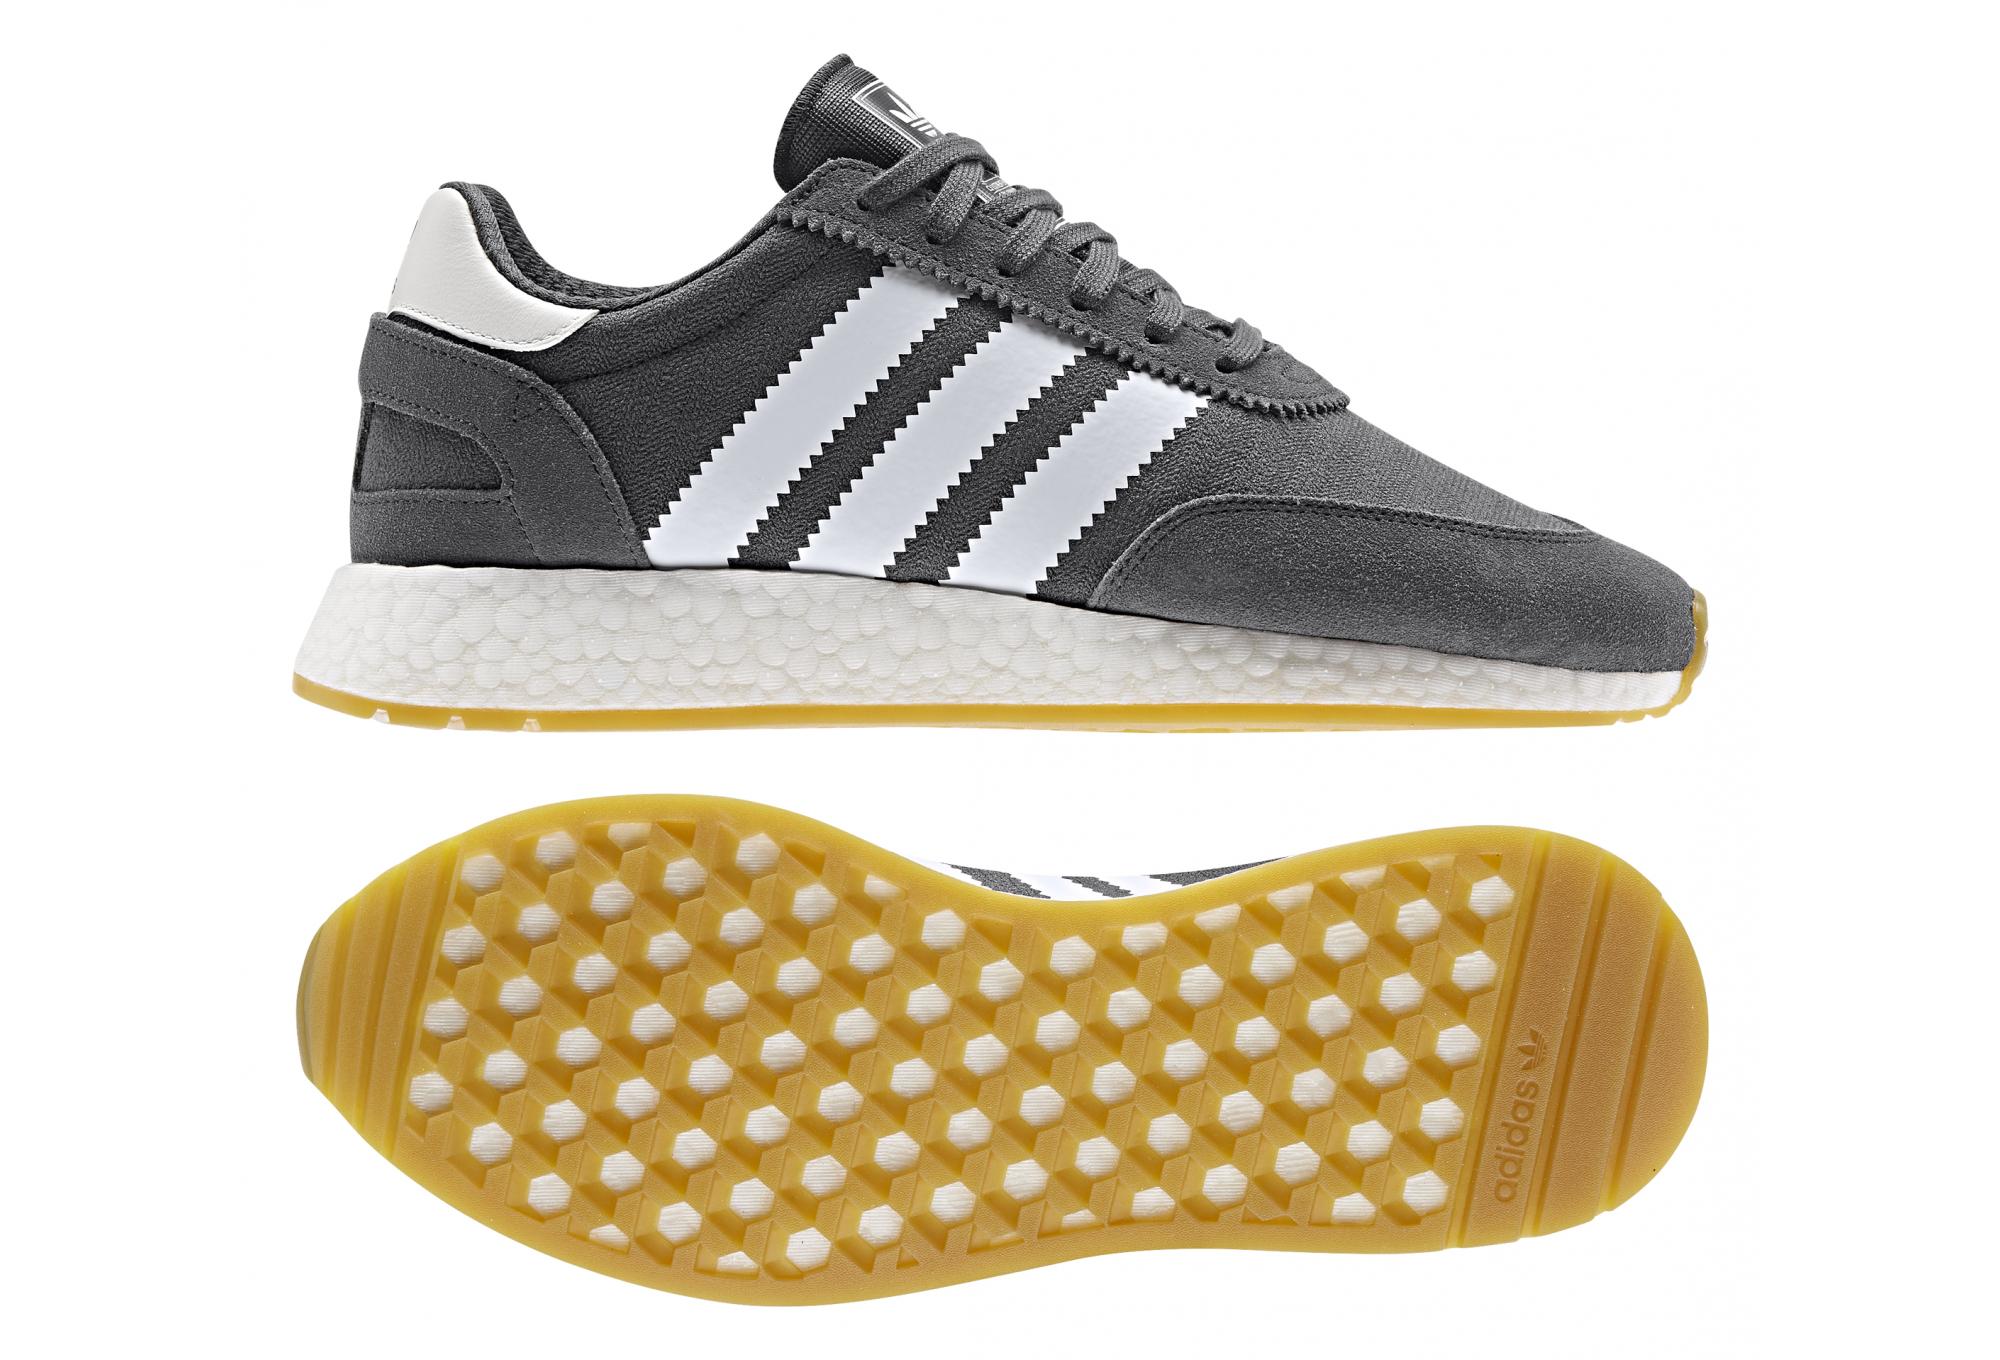 Chaussures adidas I-5923 | Alltricks.com